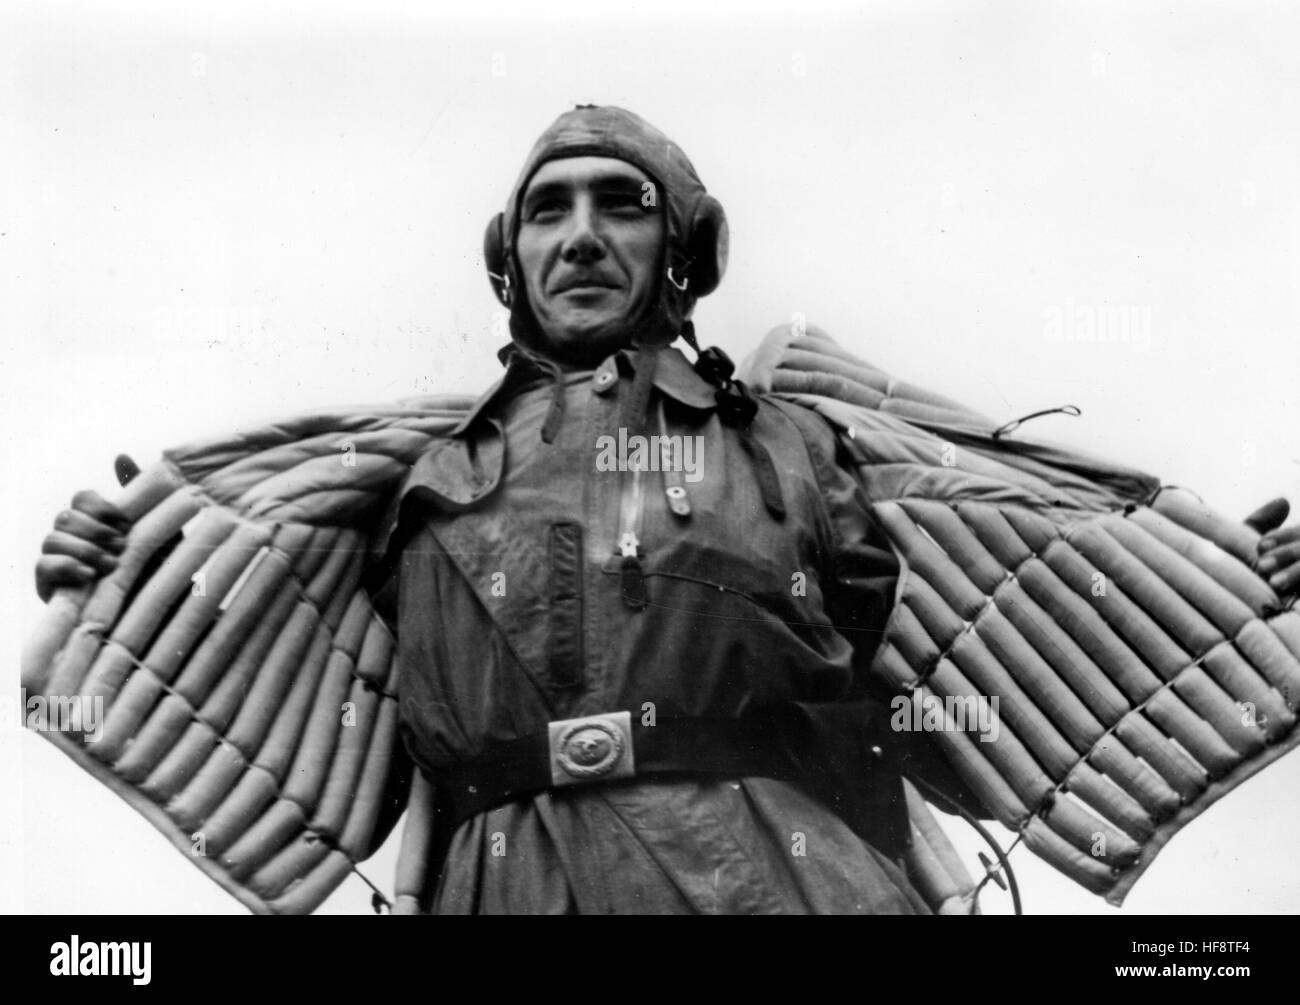 A Luftwaffe Pilot Uniform Stock Photos & A Luftwaffe Pilot